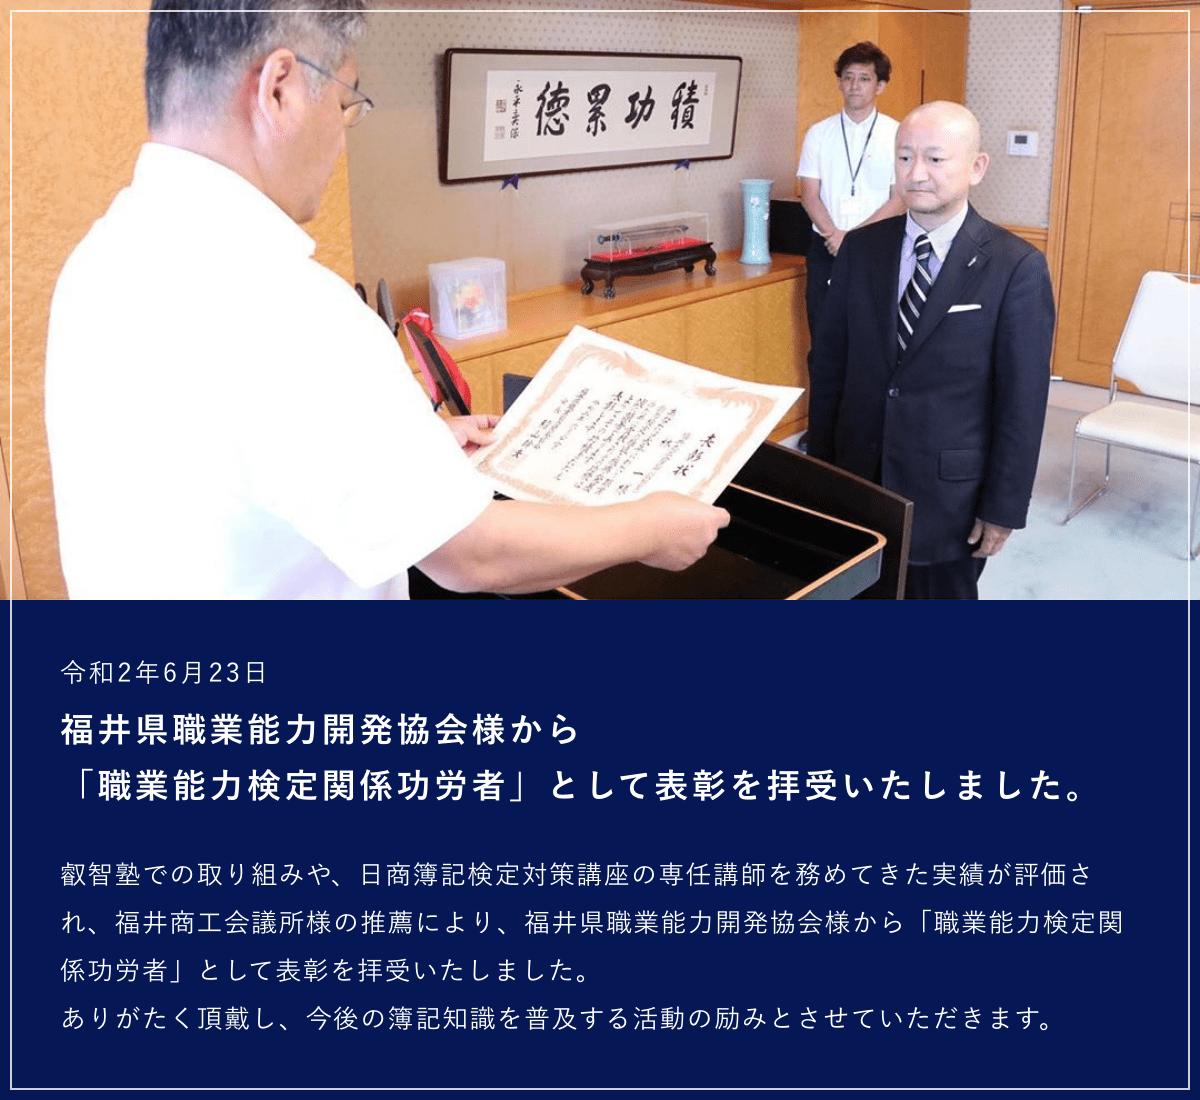 福井県職業能力開発協会様から「職業能力検定関係功労者」として表彰を拝受いたしました。